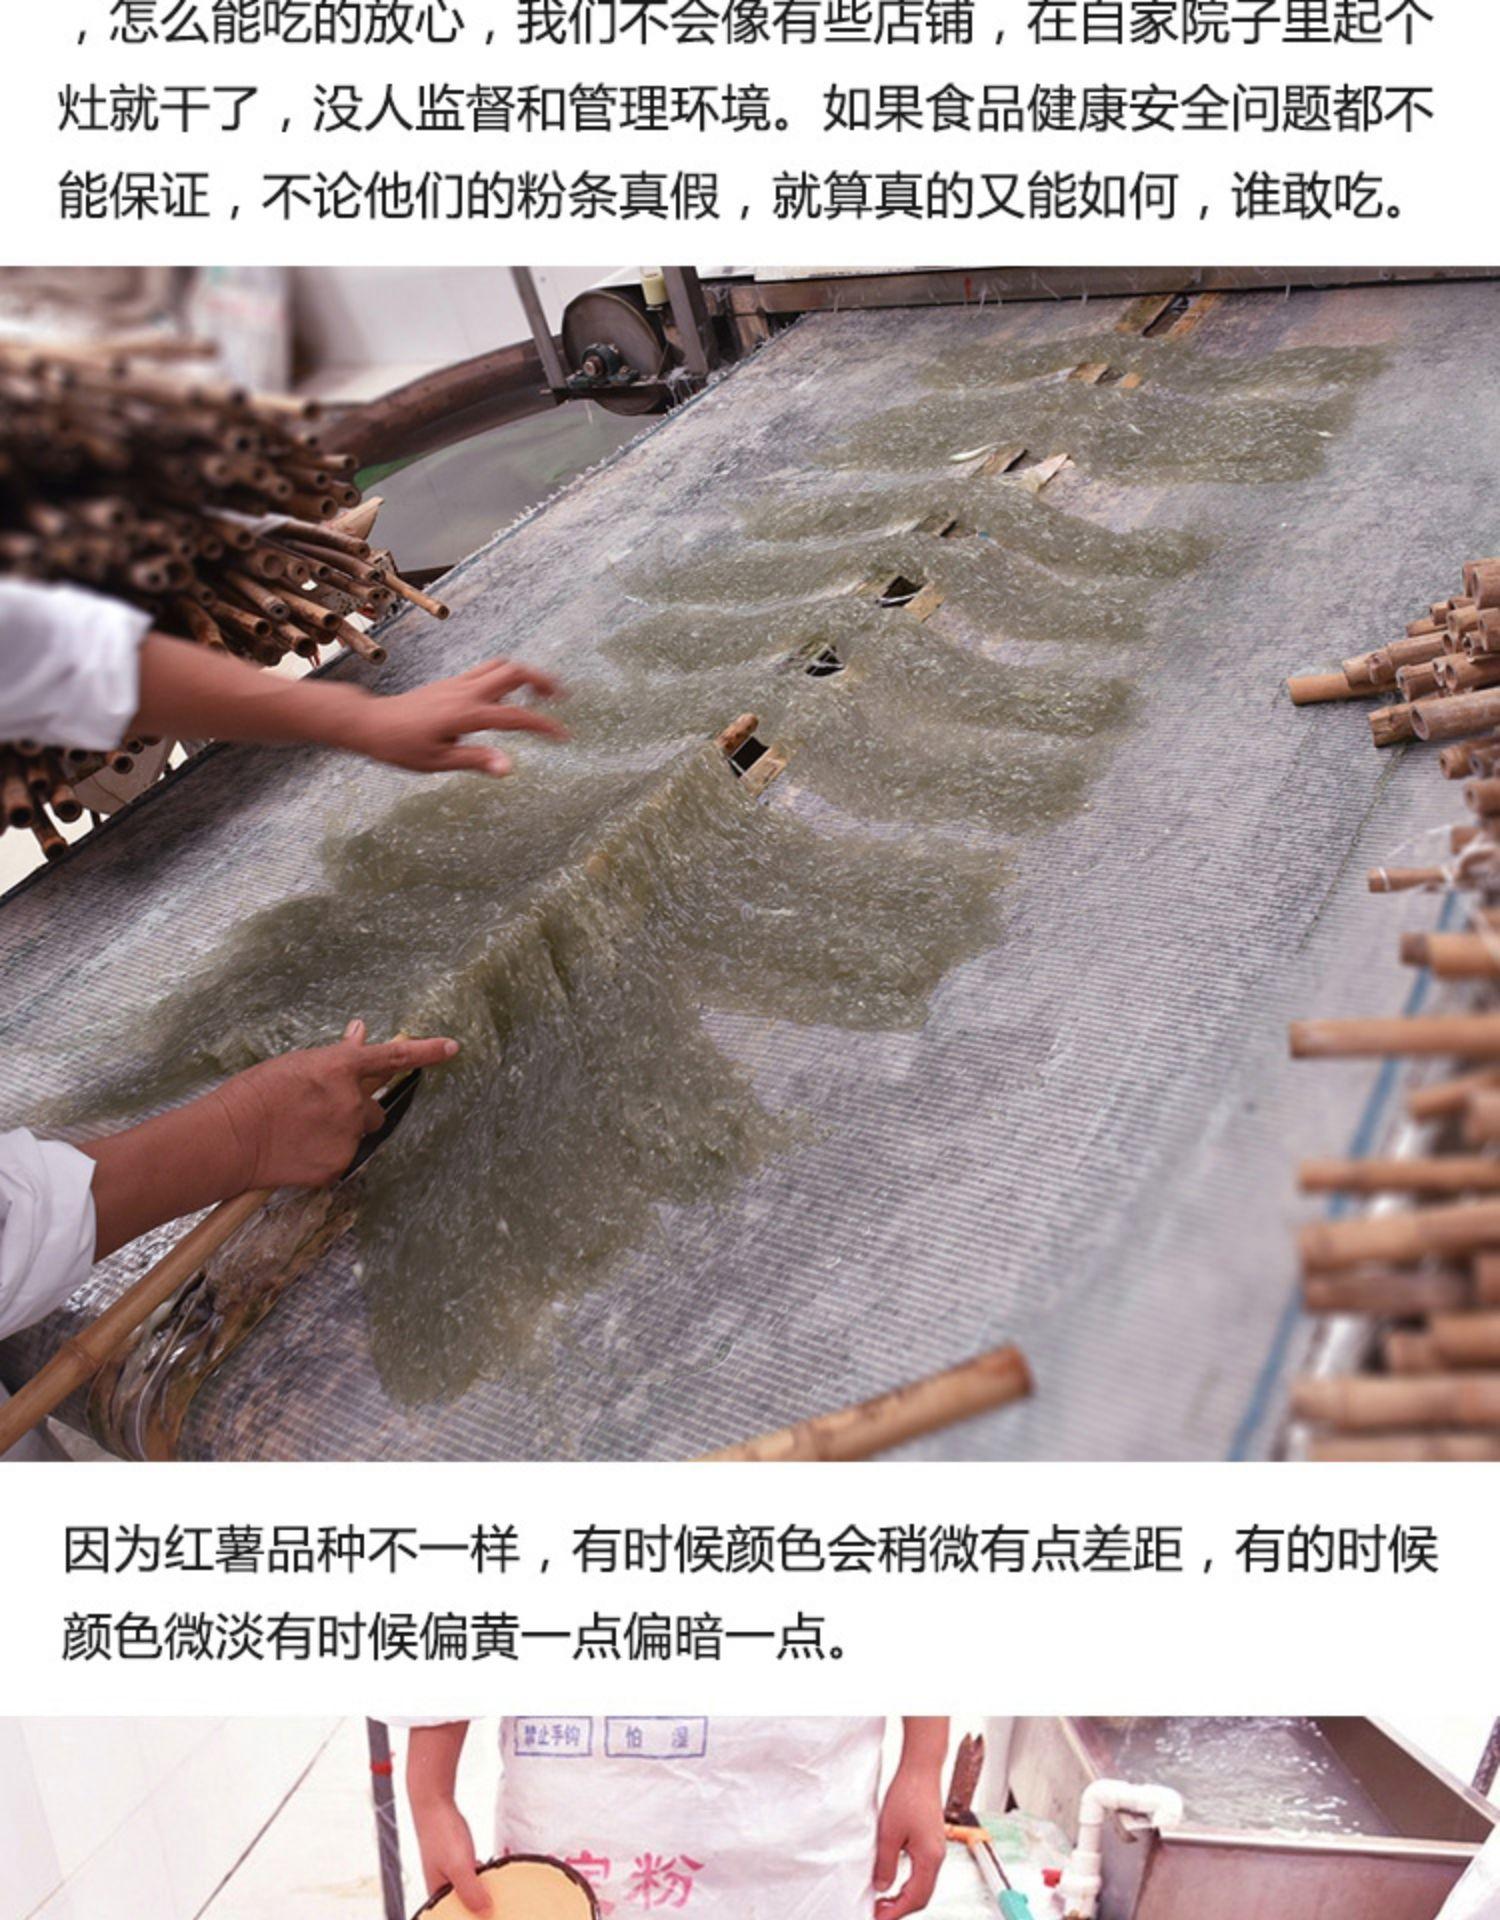 山东特产农家手工自制地瓜红苕番薯山芋细粉丝纯正宗红薯粉条斤详细照片